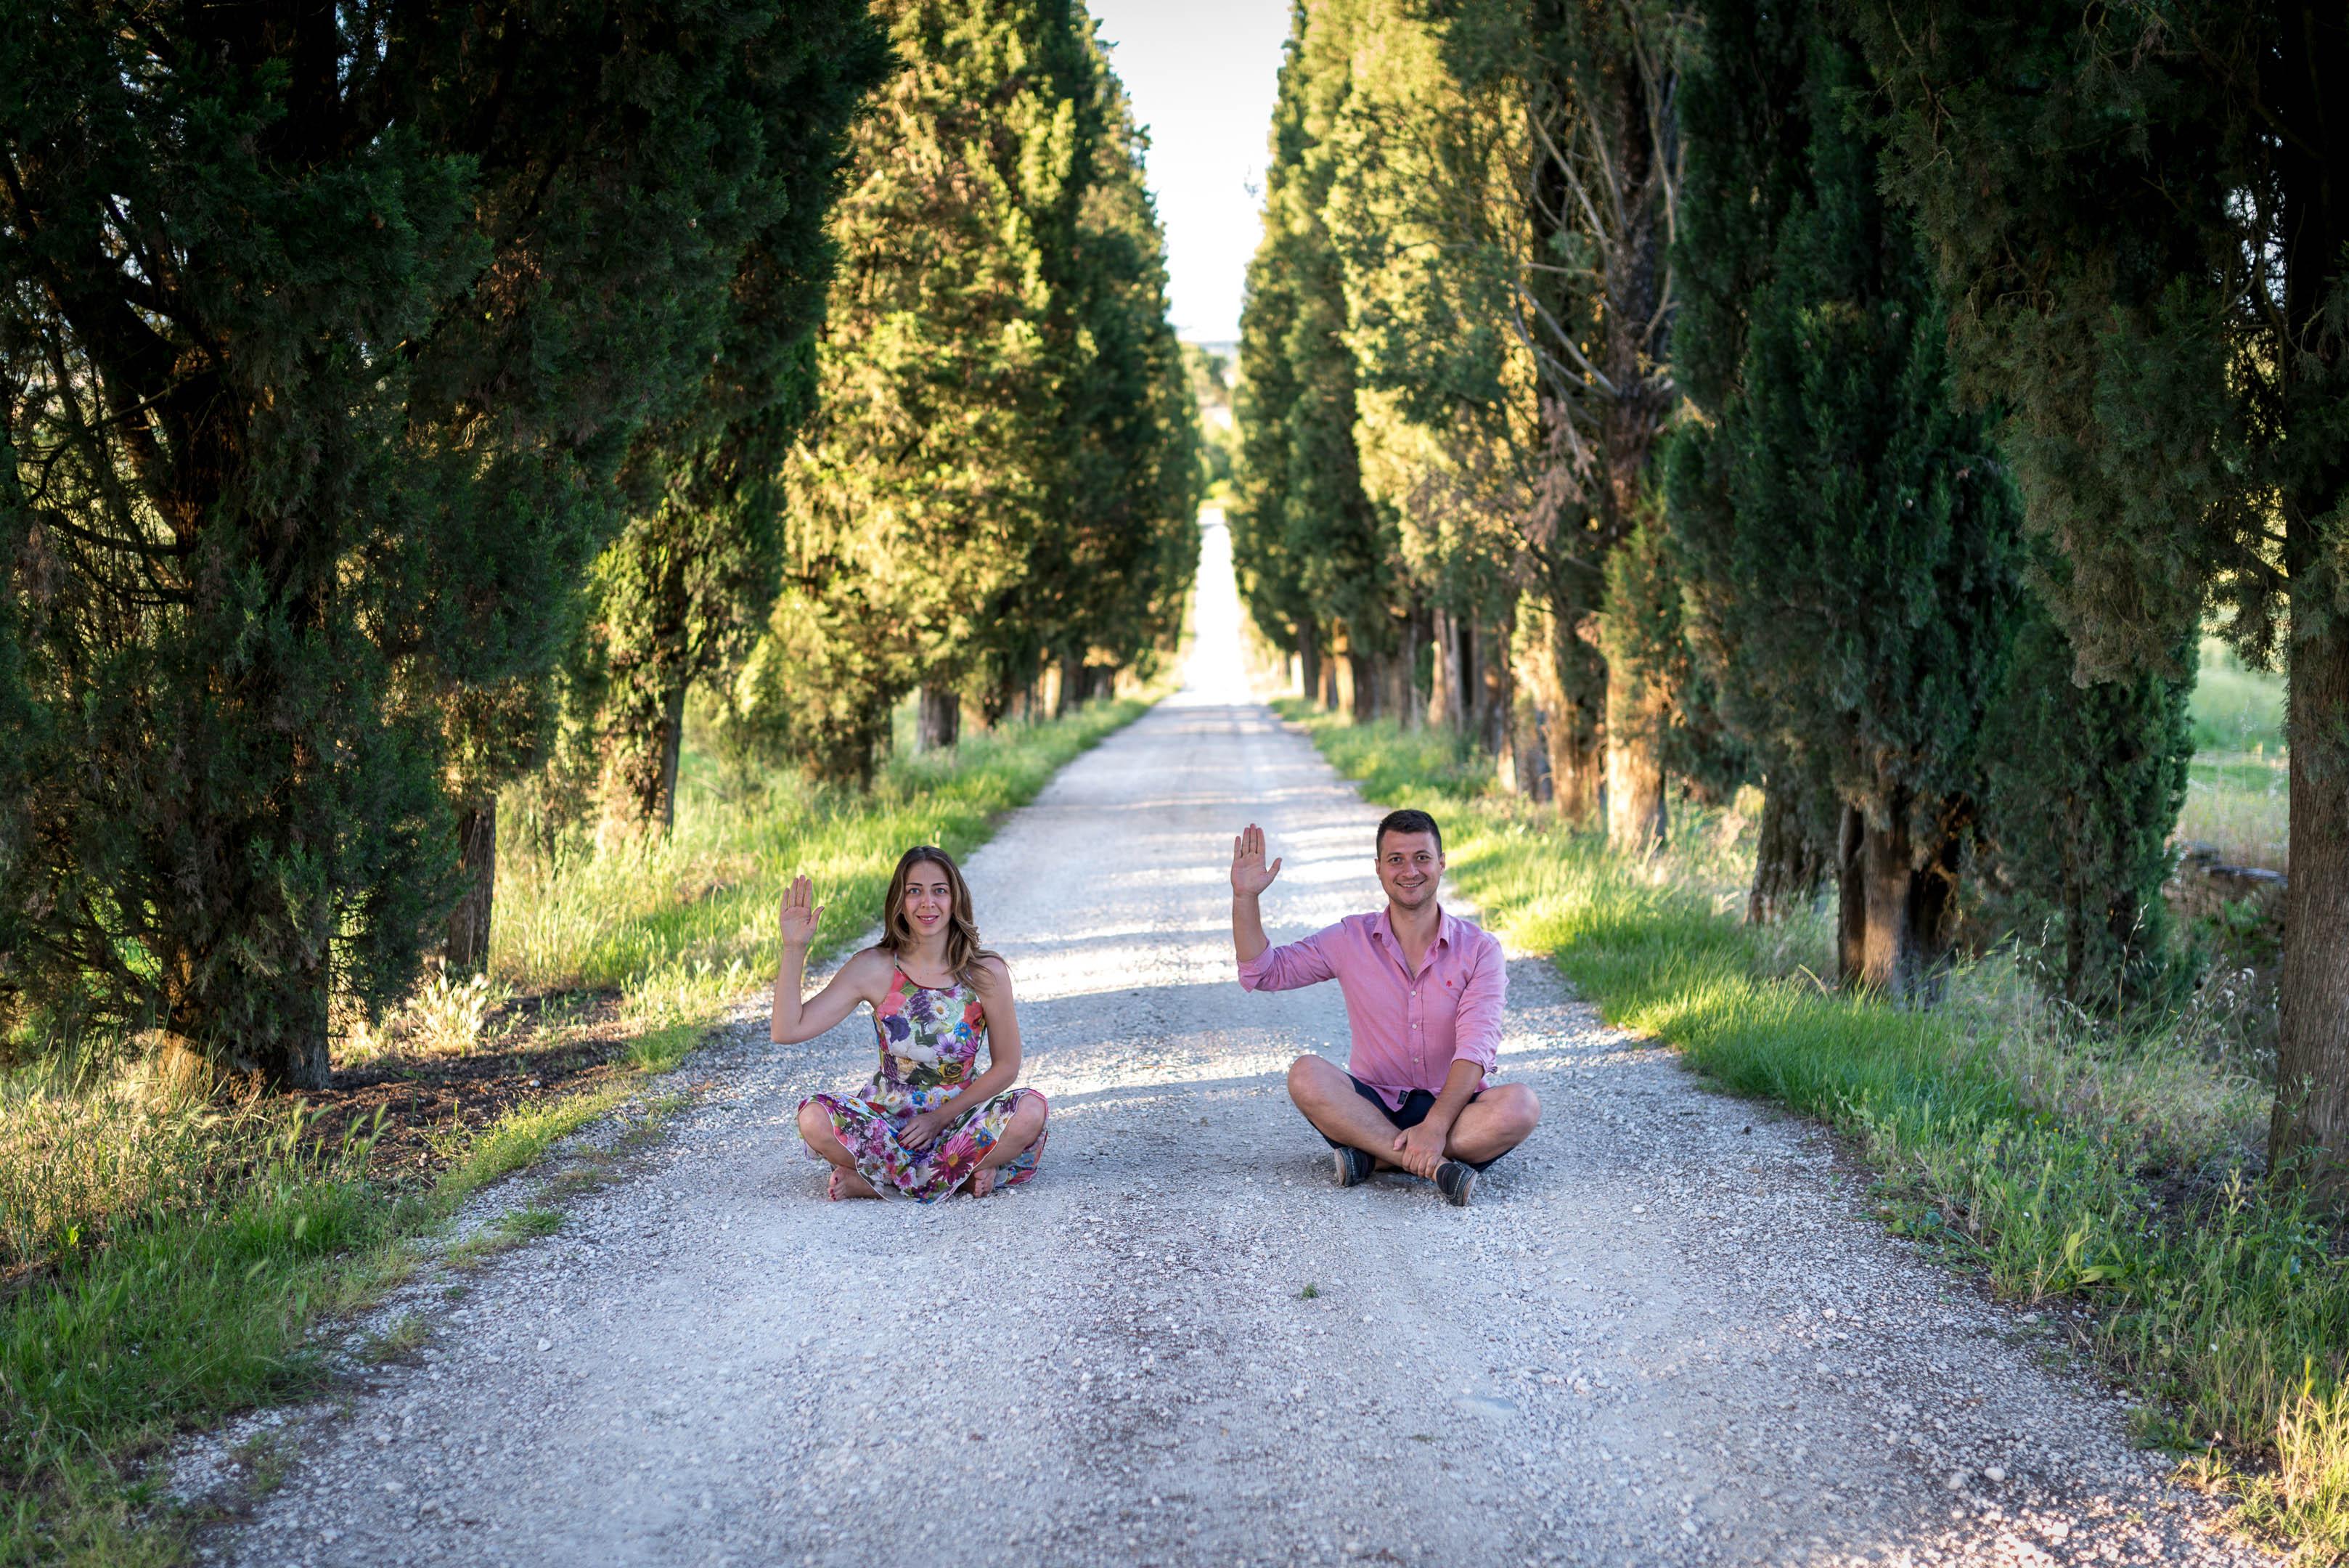 İtalya'da bir çift